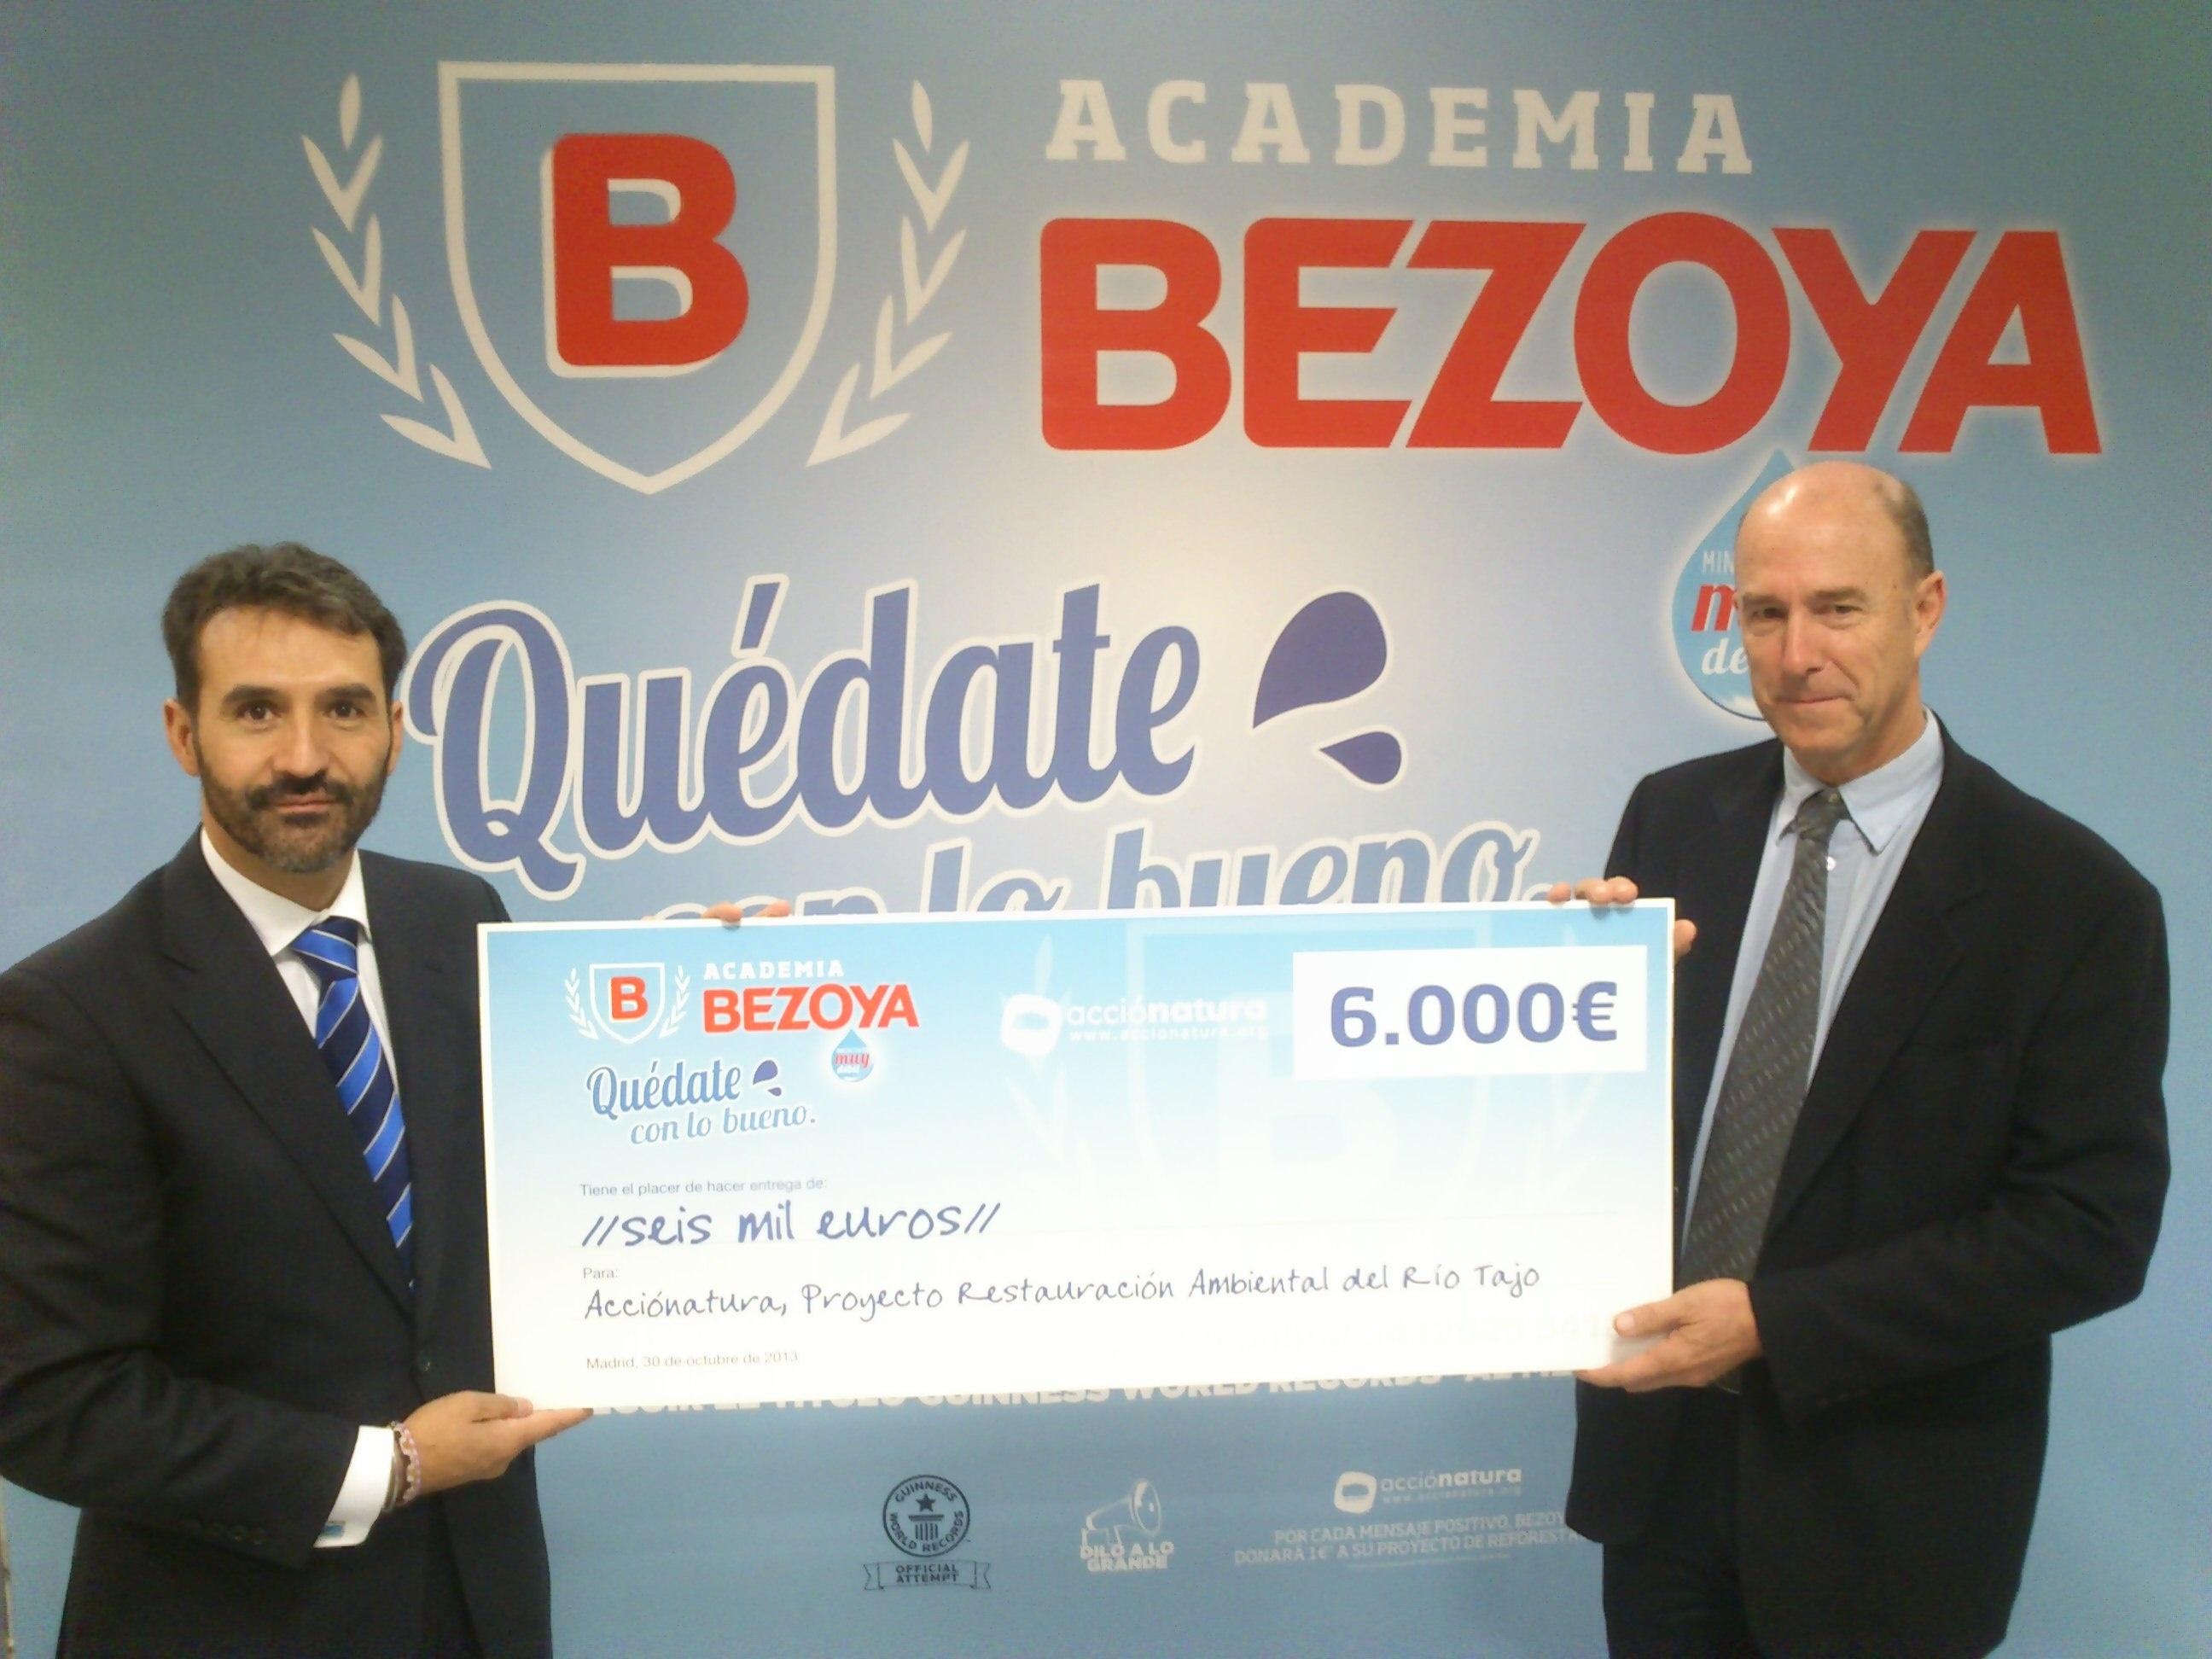 Bezoya dona 6.000 euros a la ONG Acciónatura destinados a la reforestación del Río Tajo a su paso por Aranjuez